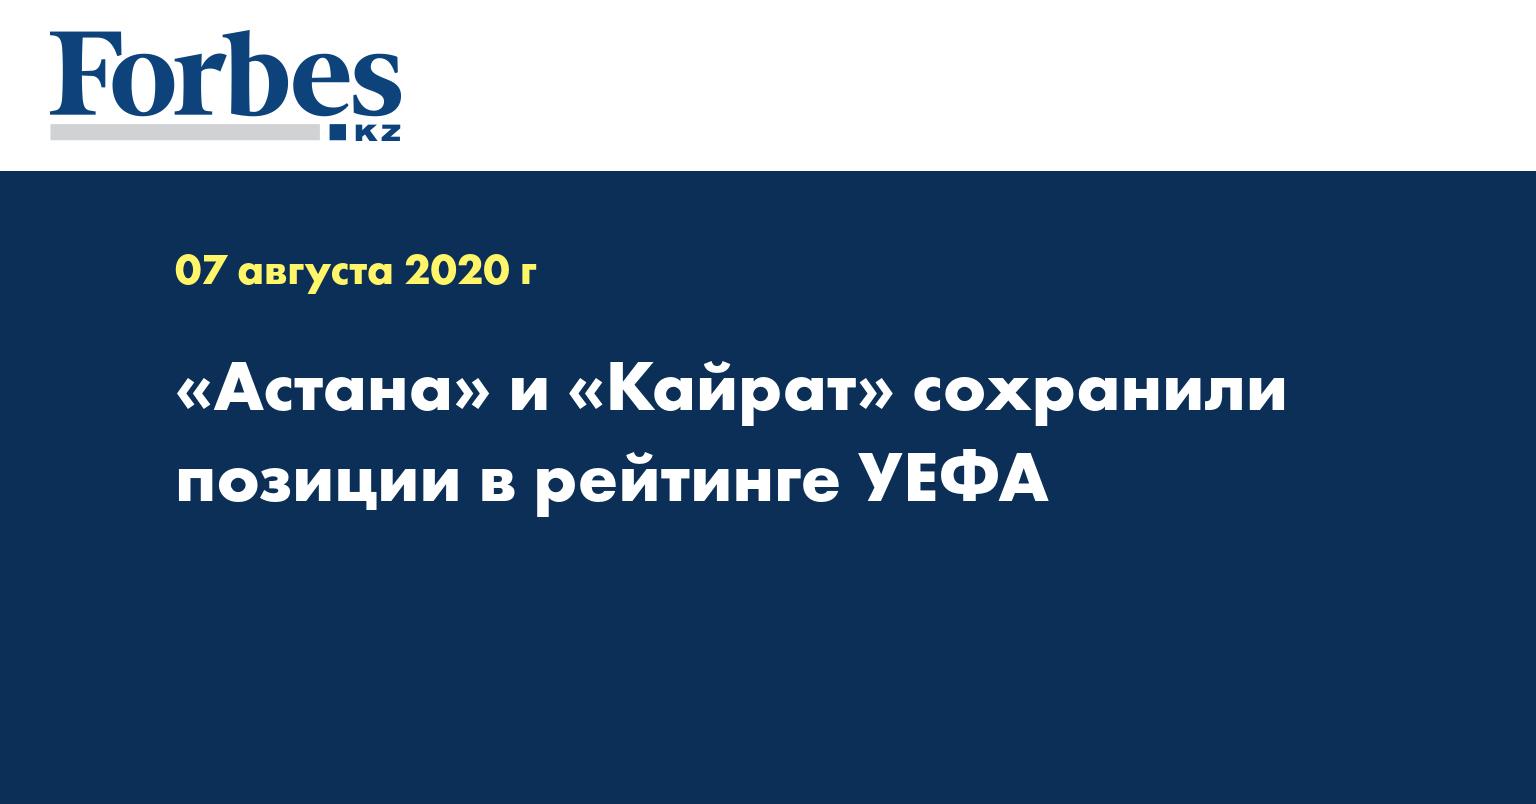 «Астана» и «Кайрат» сохранили позиции в рейтинге УЕФА